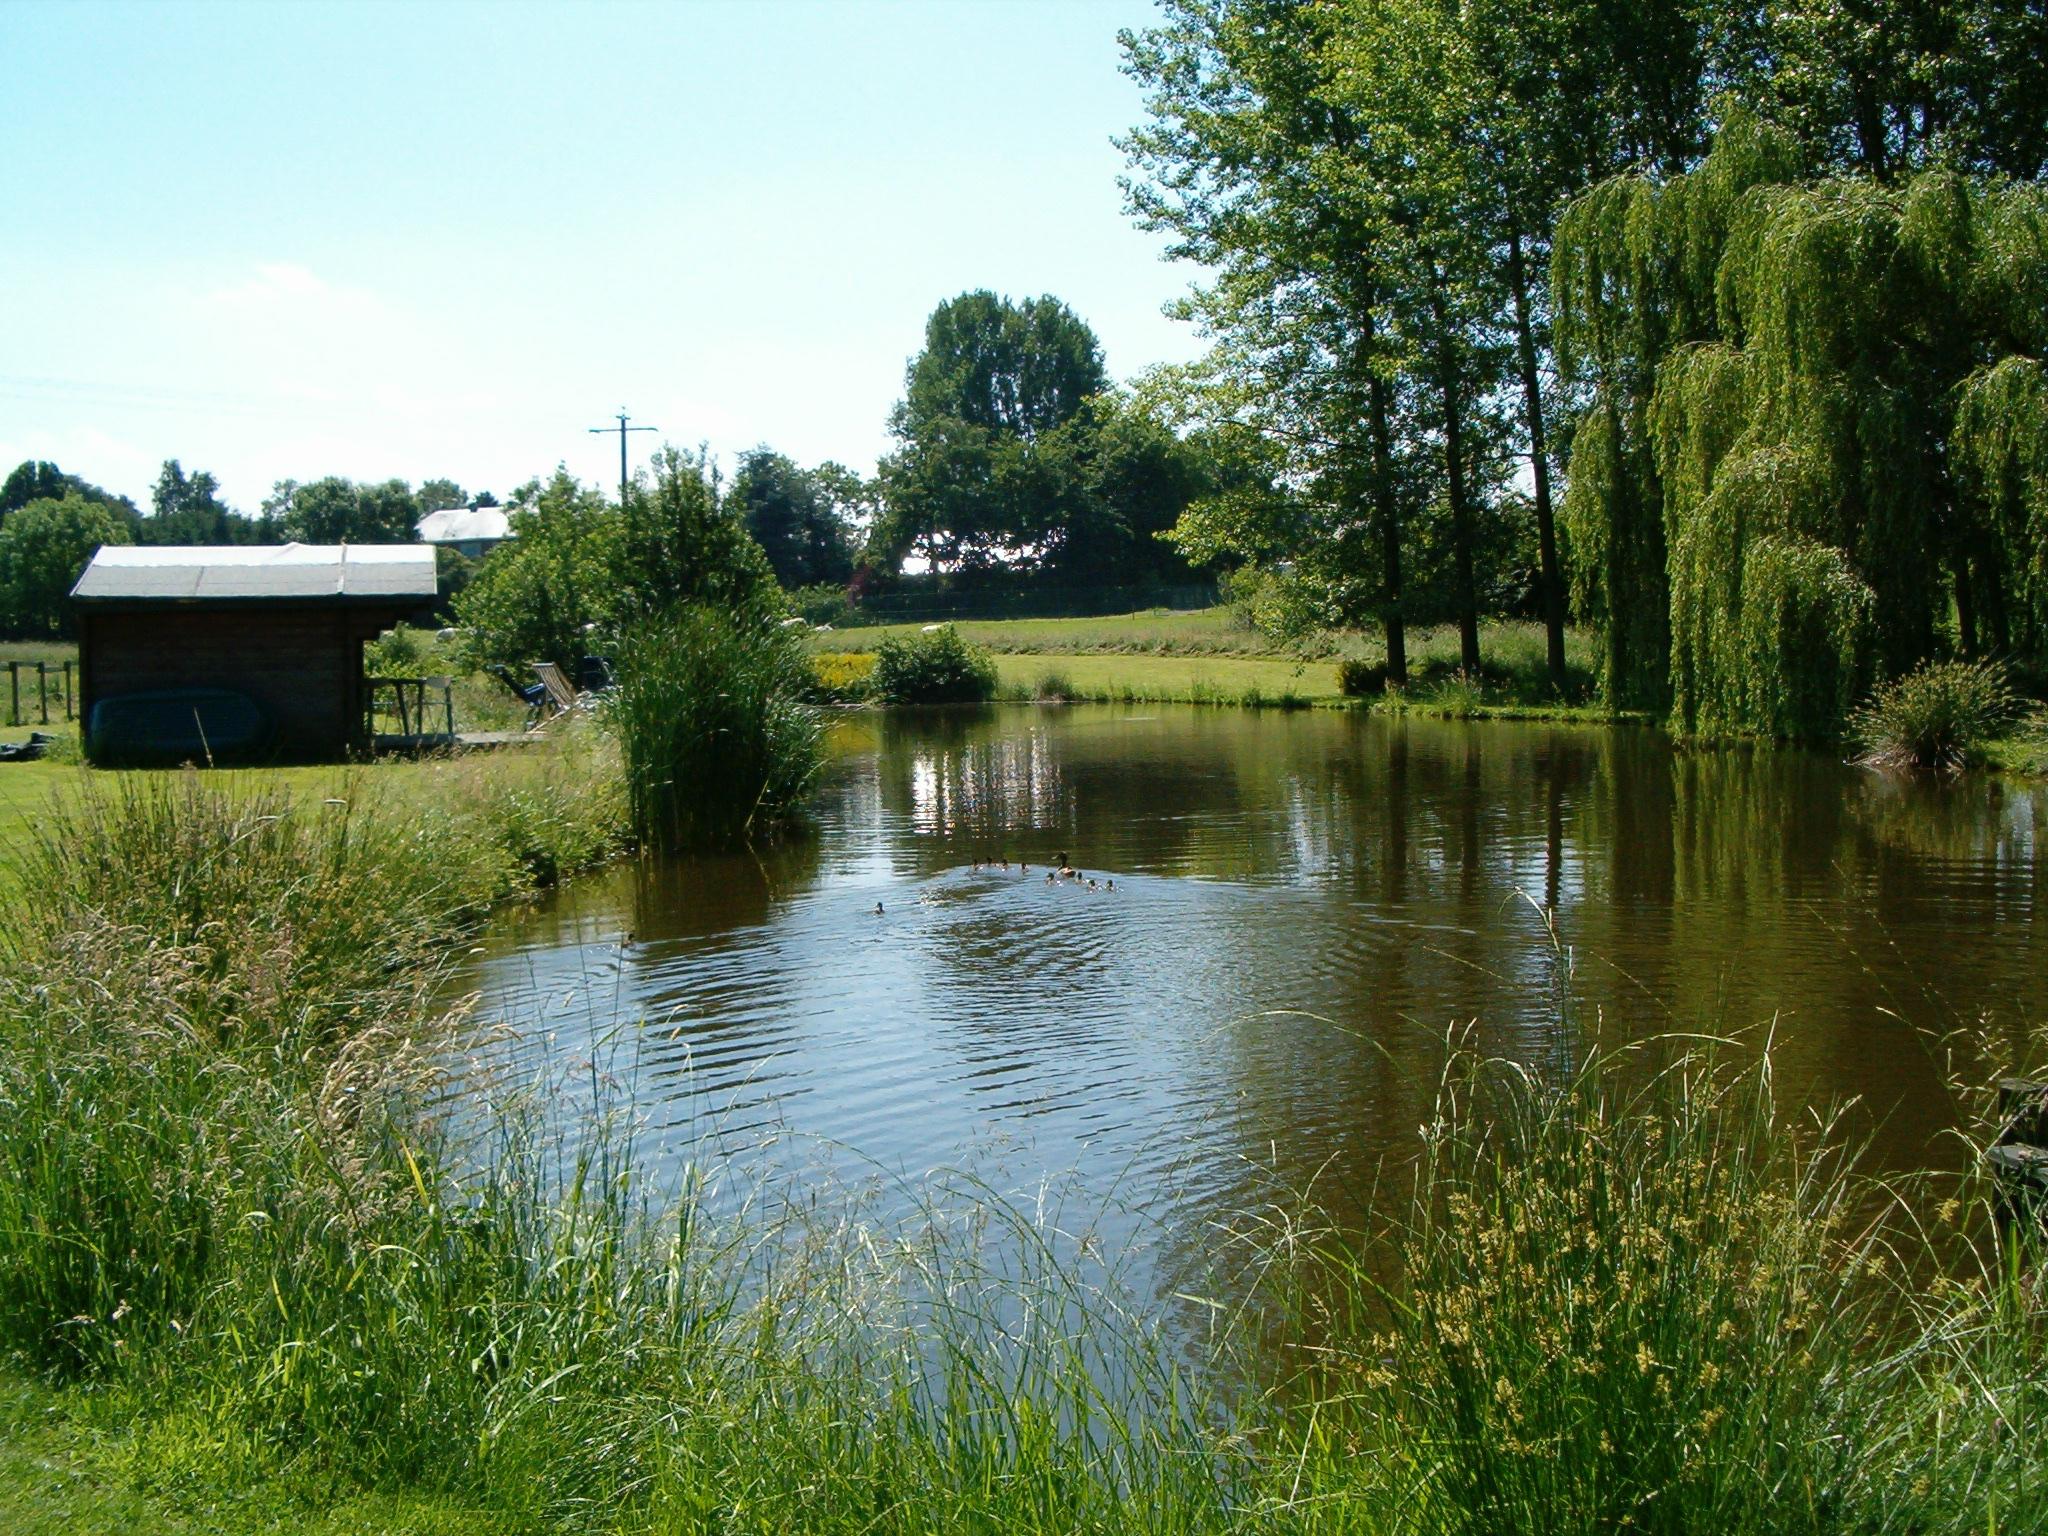 Étang privé - Un havre de paix, parfait pour pêcher et se relaxer